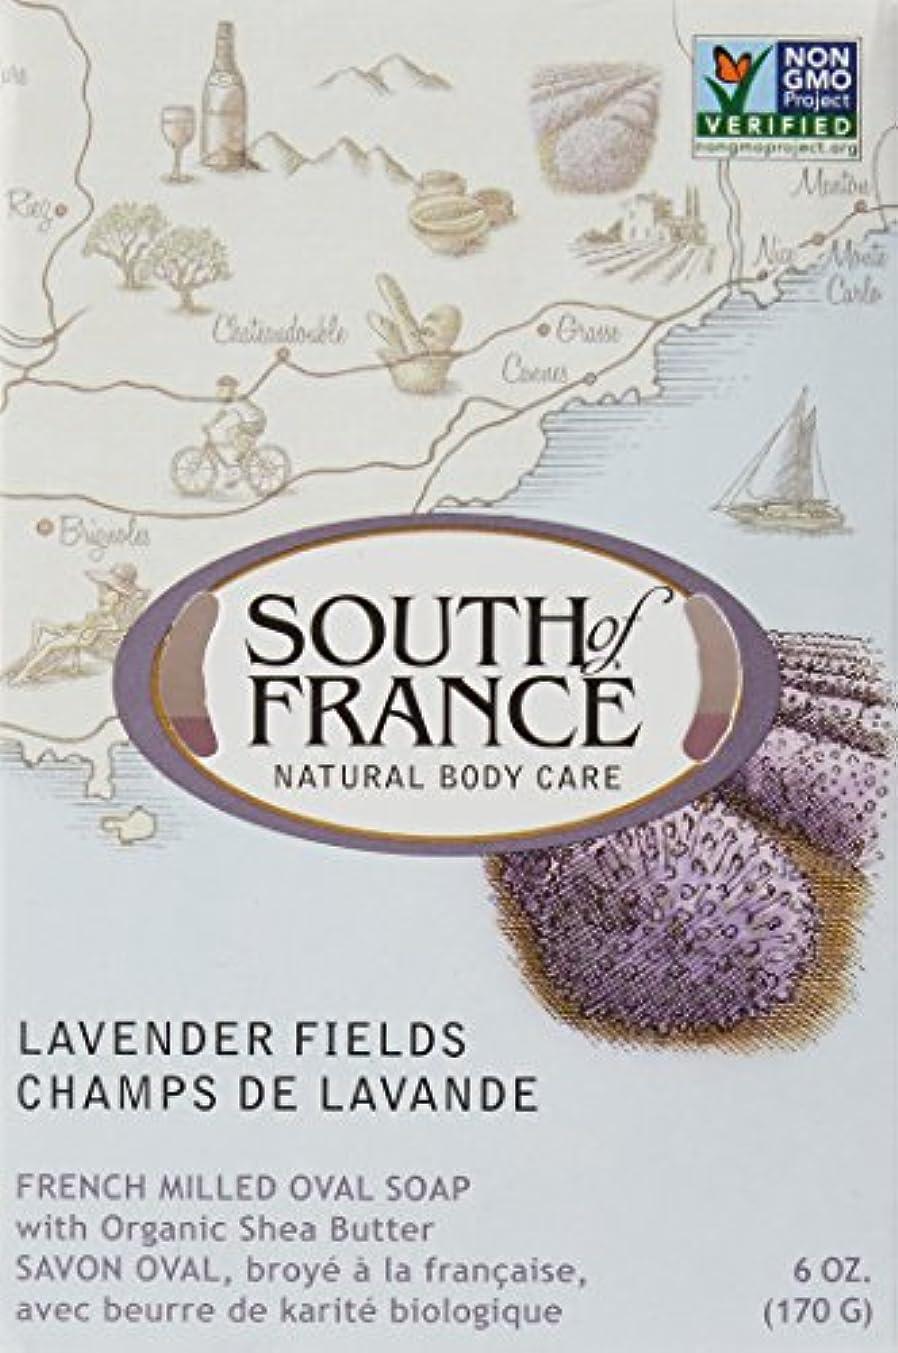 道に迷いました拒否執着South of France - フランスの製粉された野菜棒石鹸のラベンダーは守備につく - 6ポンド